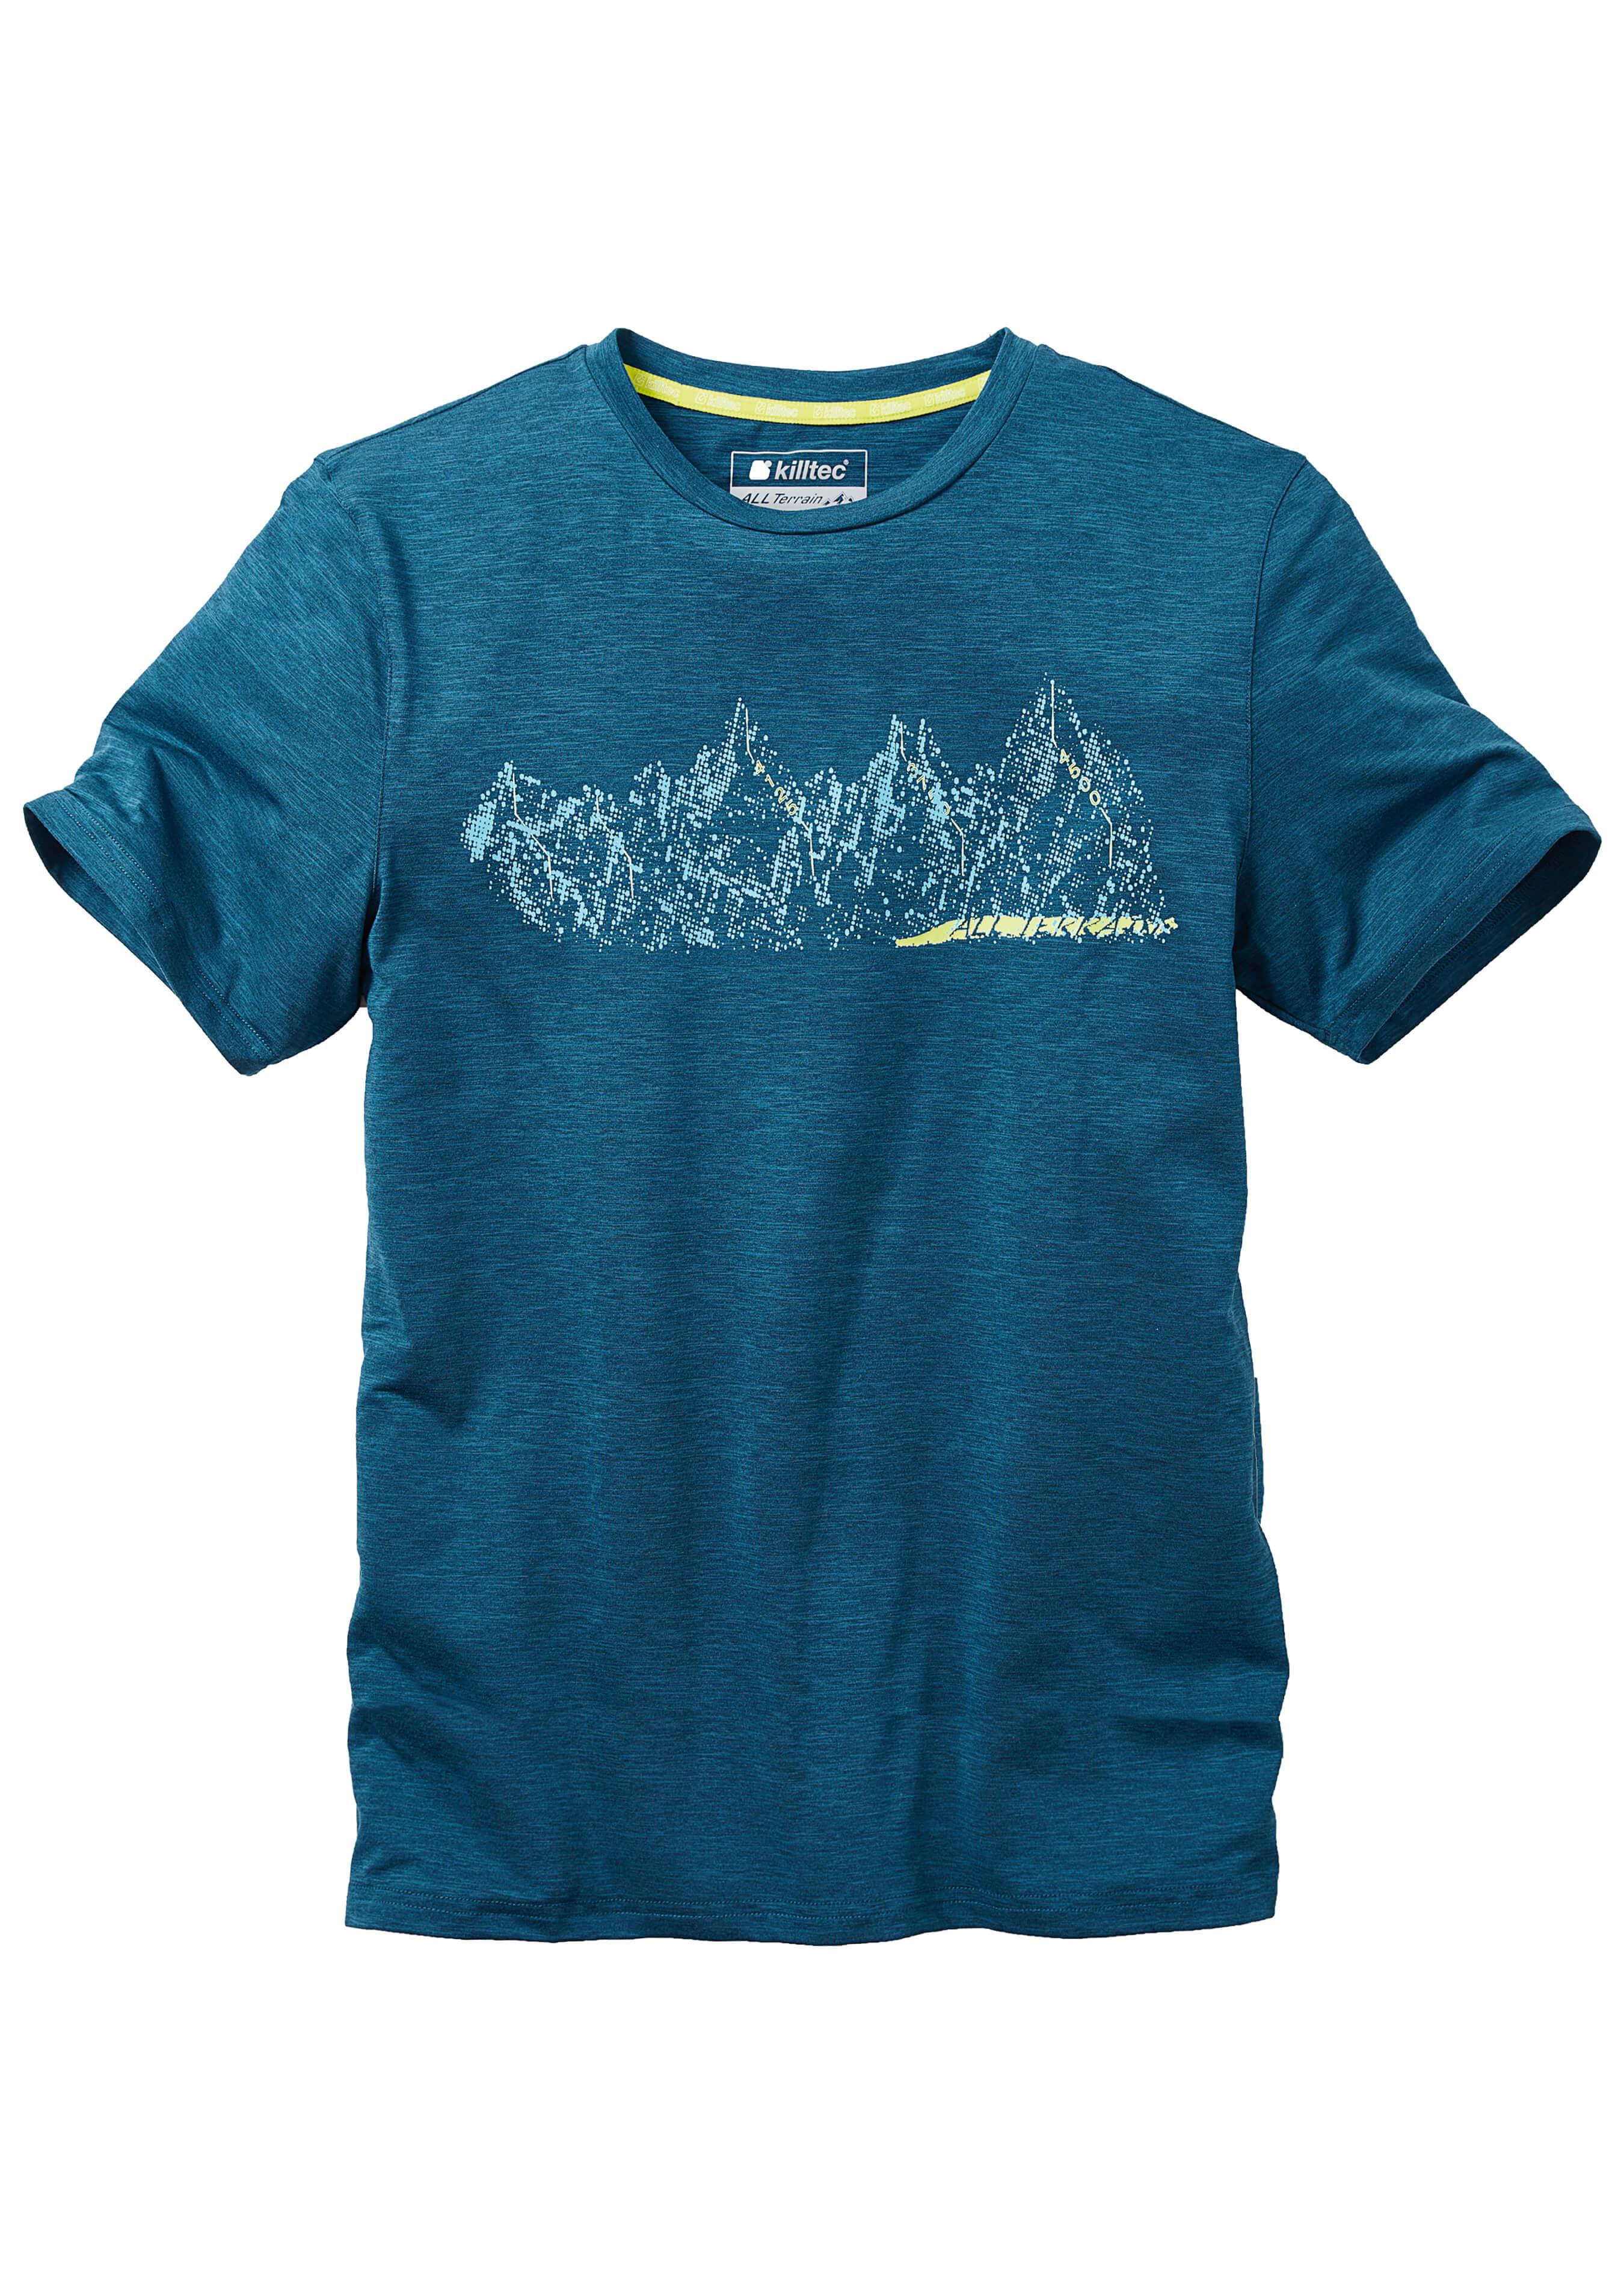 Killtec Outdoor T-Shirt Lilleo 266932XXL 1